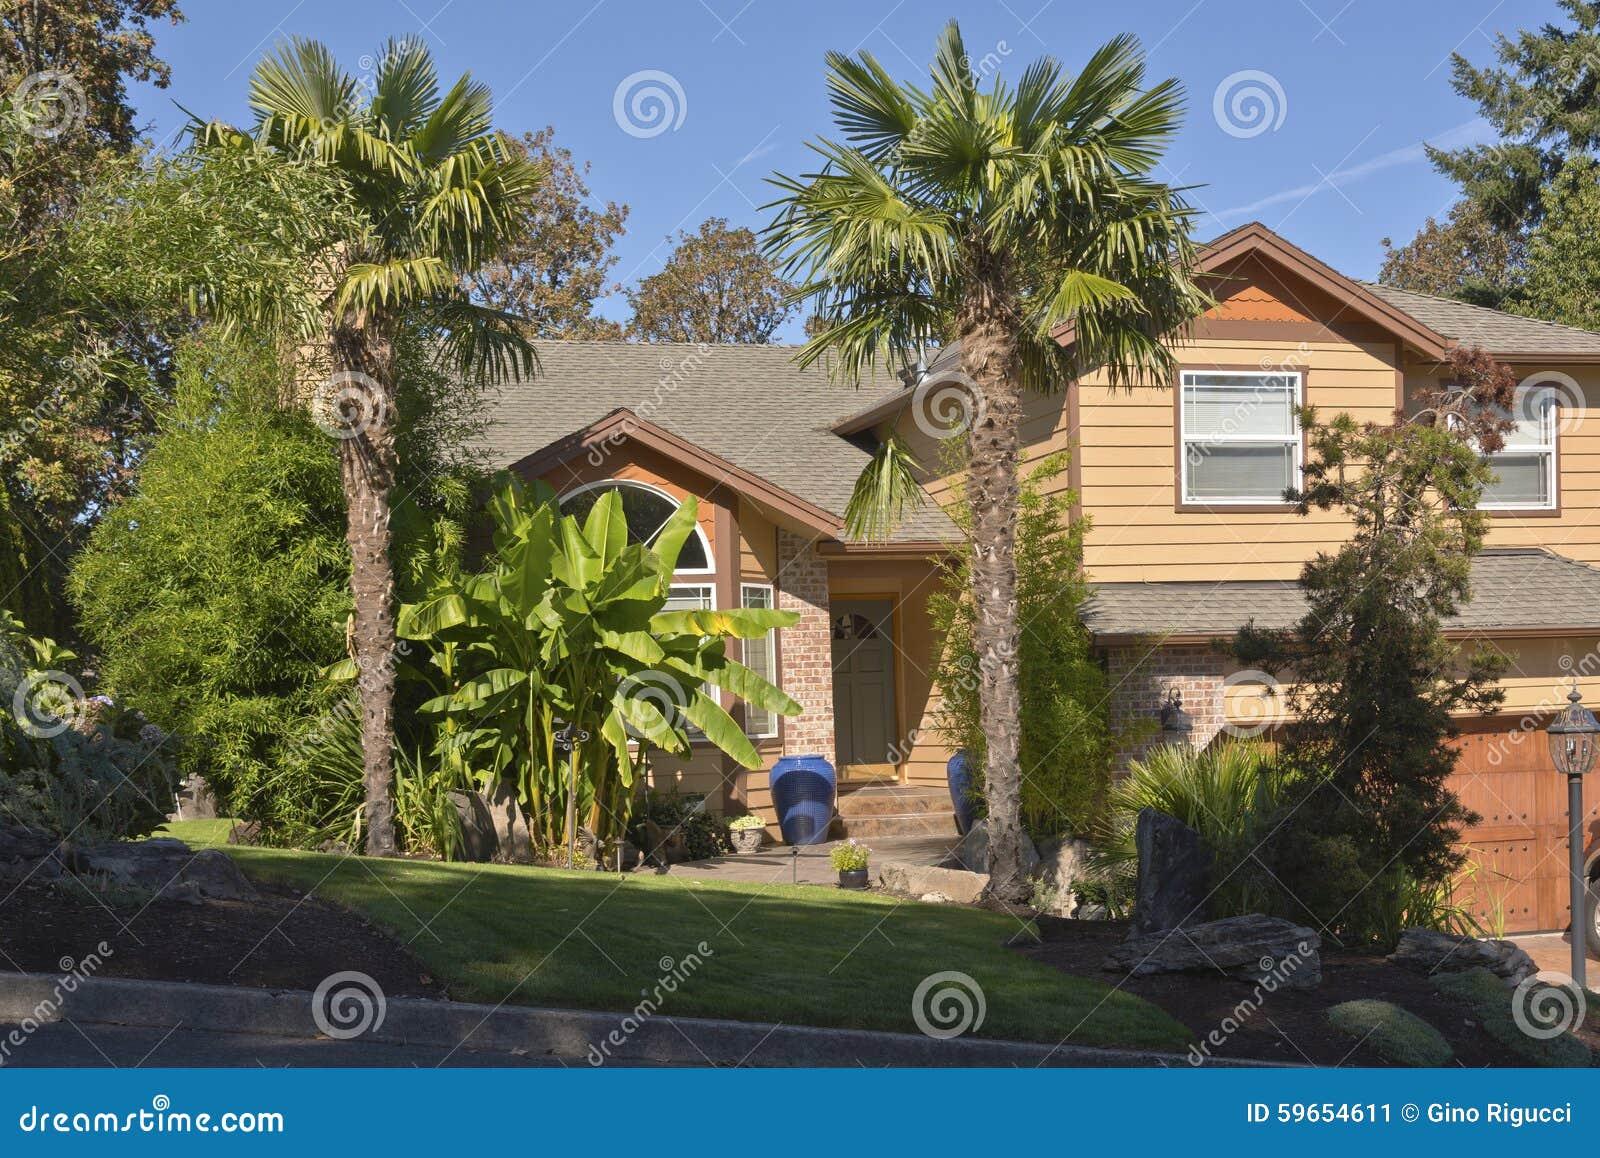 maison tropicale avec les palmiers et le bananier image stock image du vivre nature 59654611. Black Bedroom Furniture Sets. Home Design Ideas